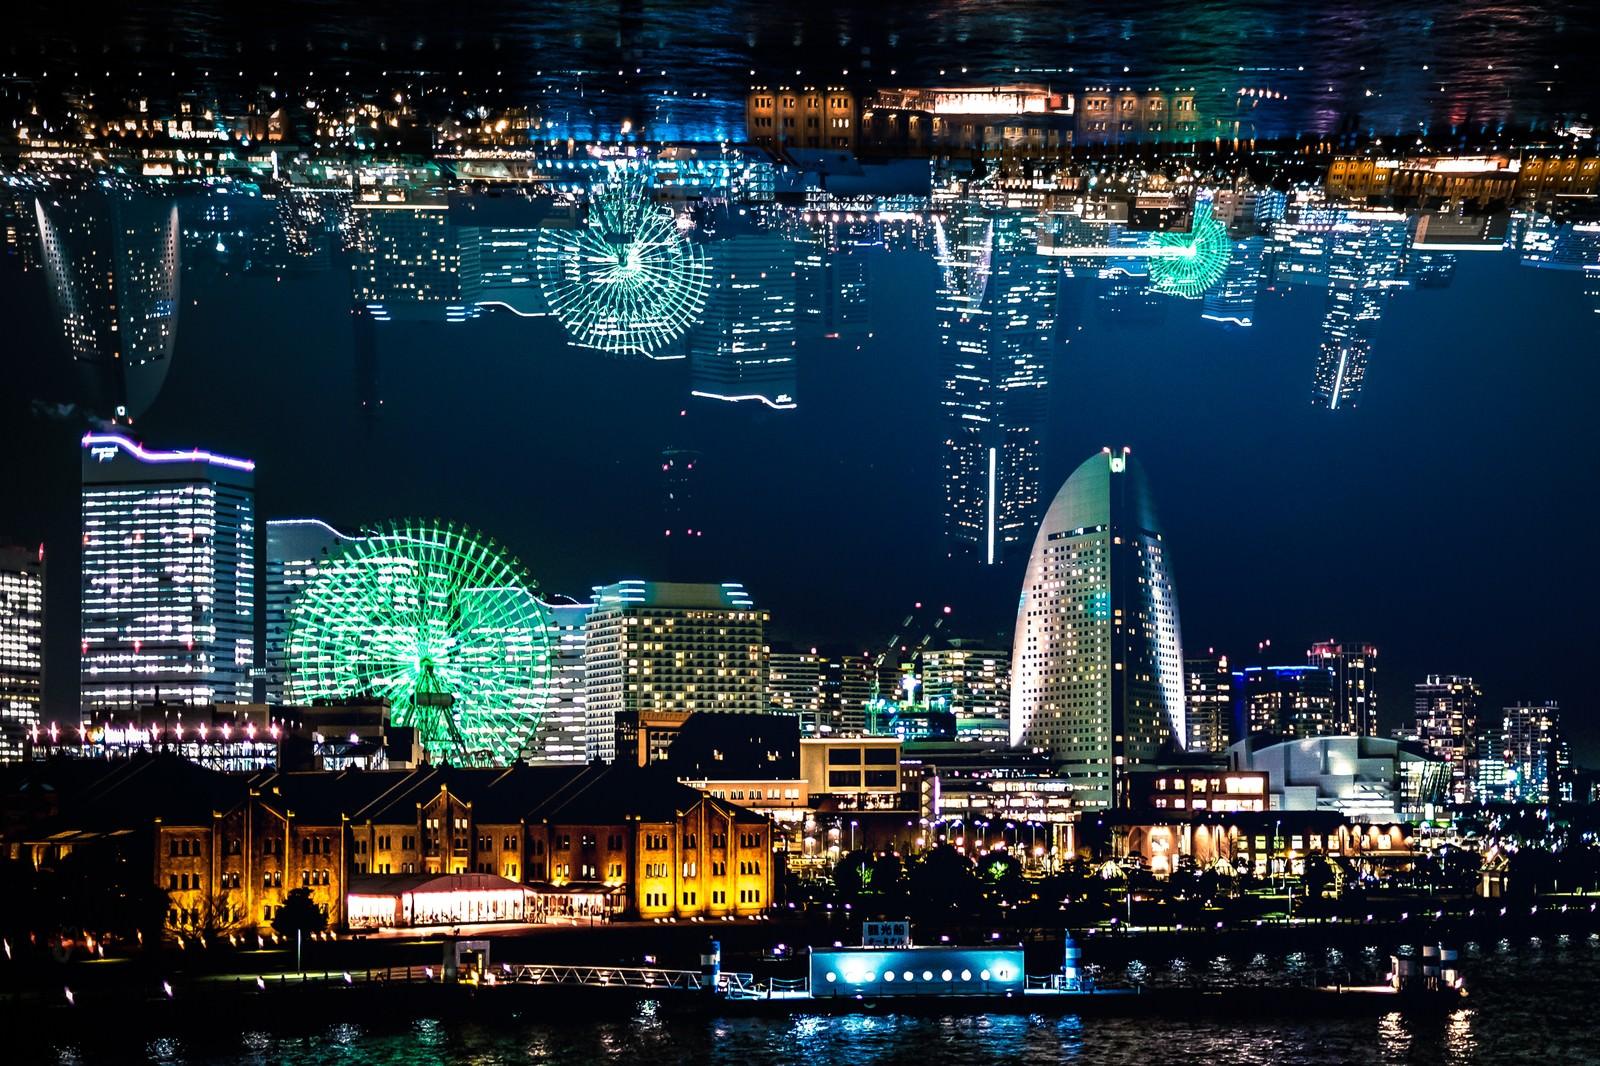 「横浜みなとみらいの夜景(フォトモンタージュ)」の写真